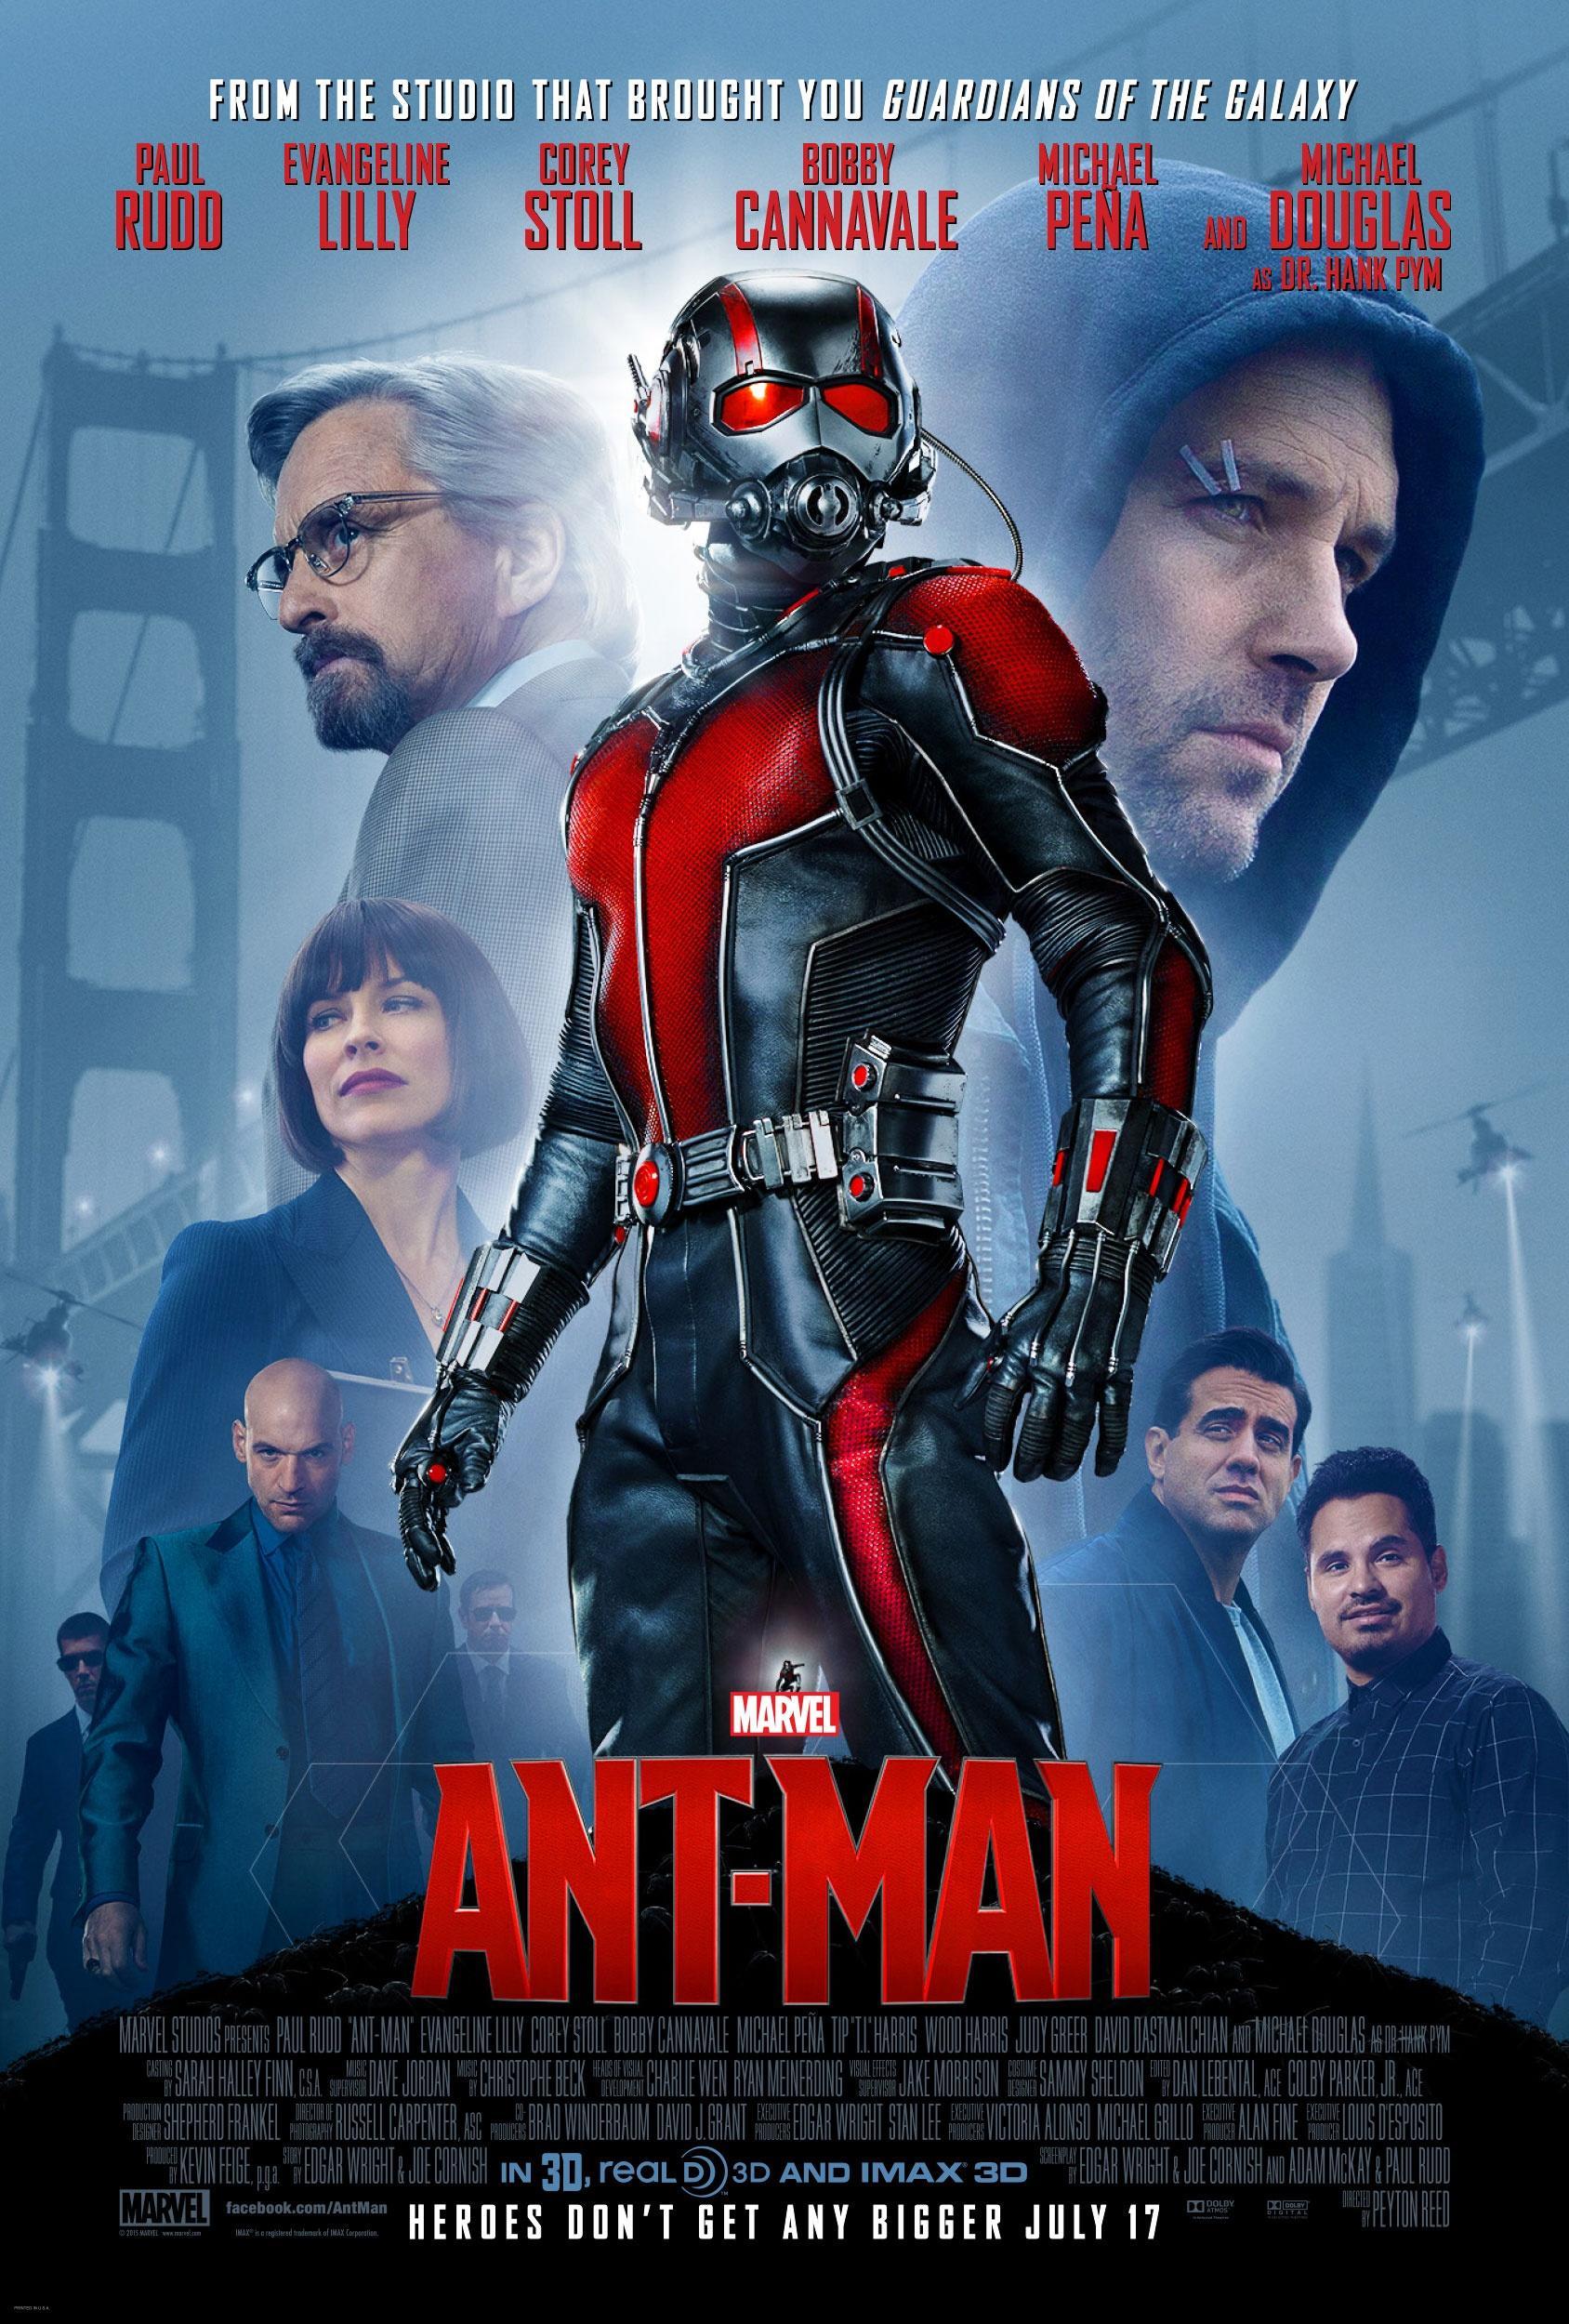 《蚁人》发布新款官方海报 小英雄终有大海报 重要角色悉数亮相